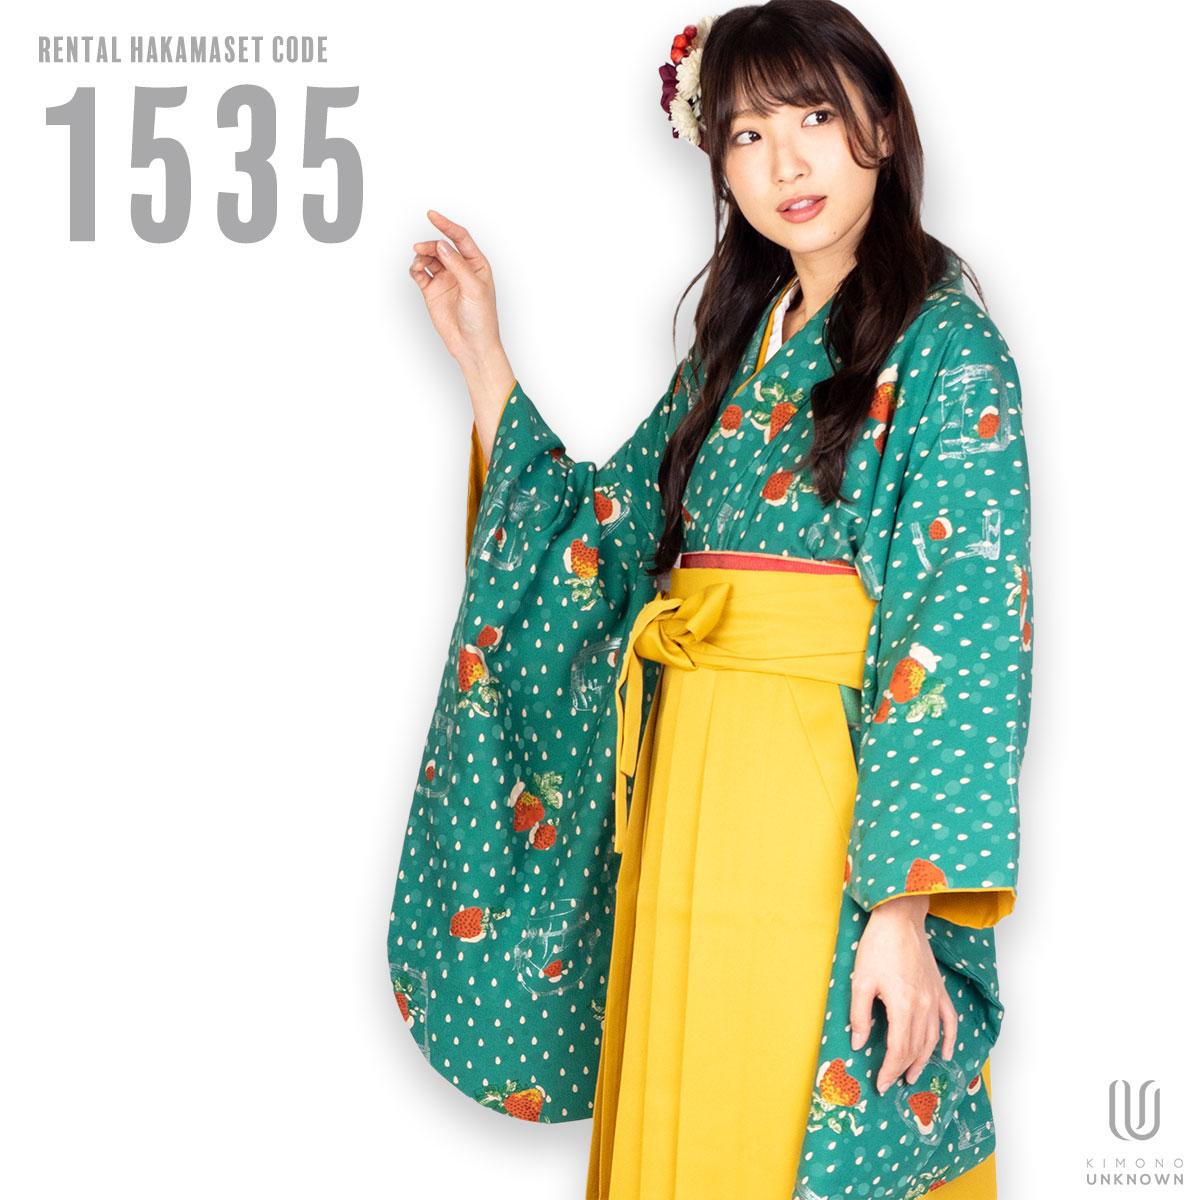 【対応身長157cm~165cm】【キュート】卒業式レンタル袴フルセット-1535|マルチカラー|ドット柄|フルーツ|緑|からし色|